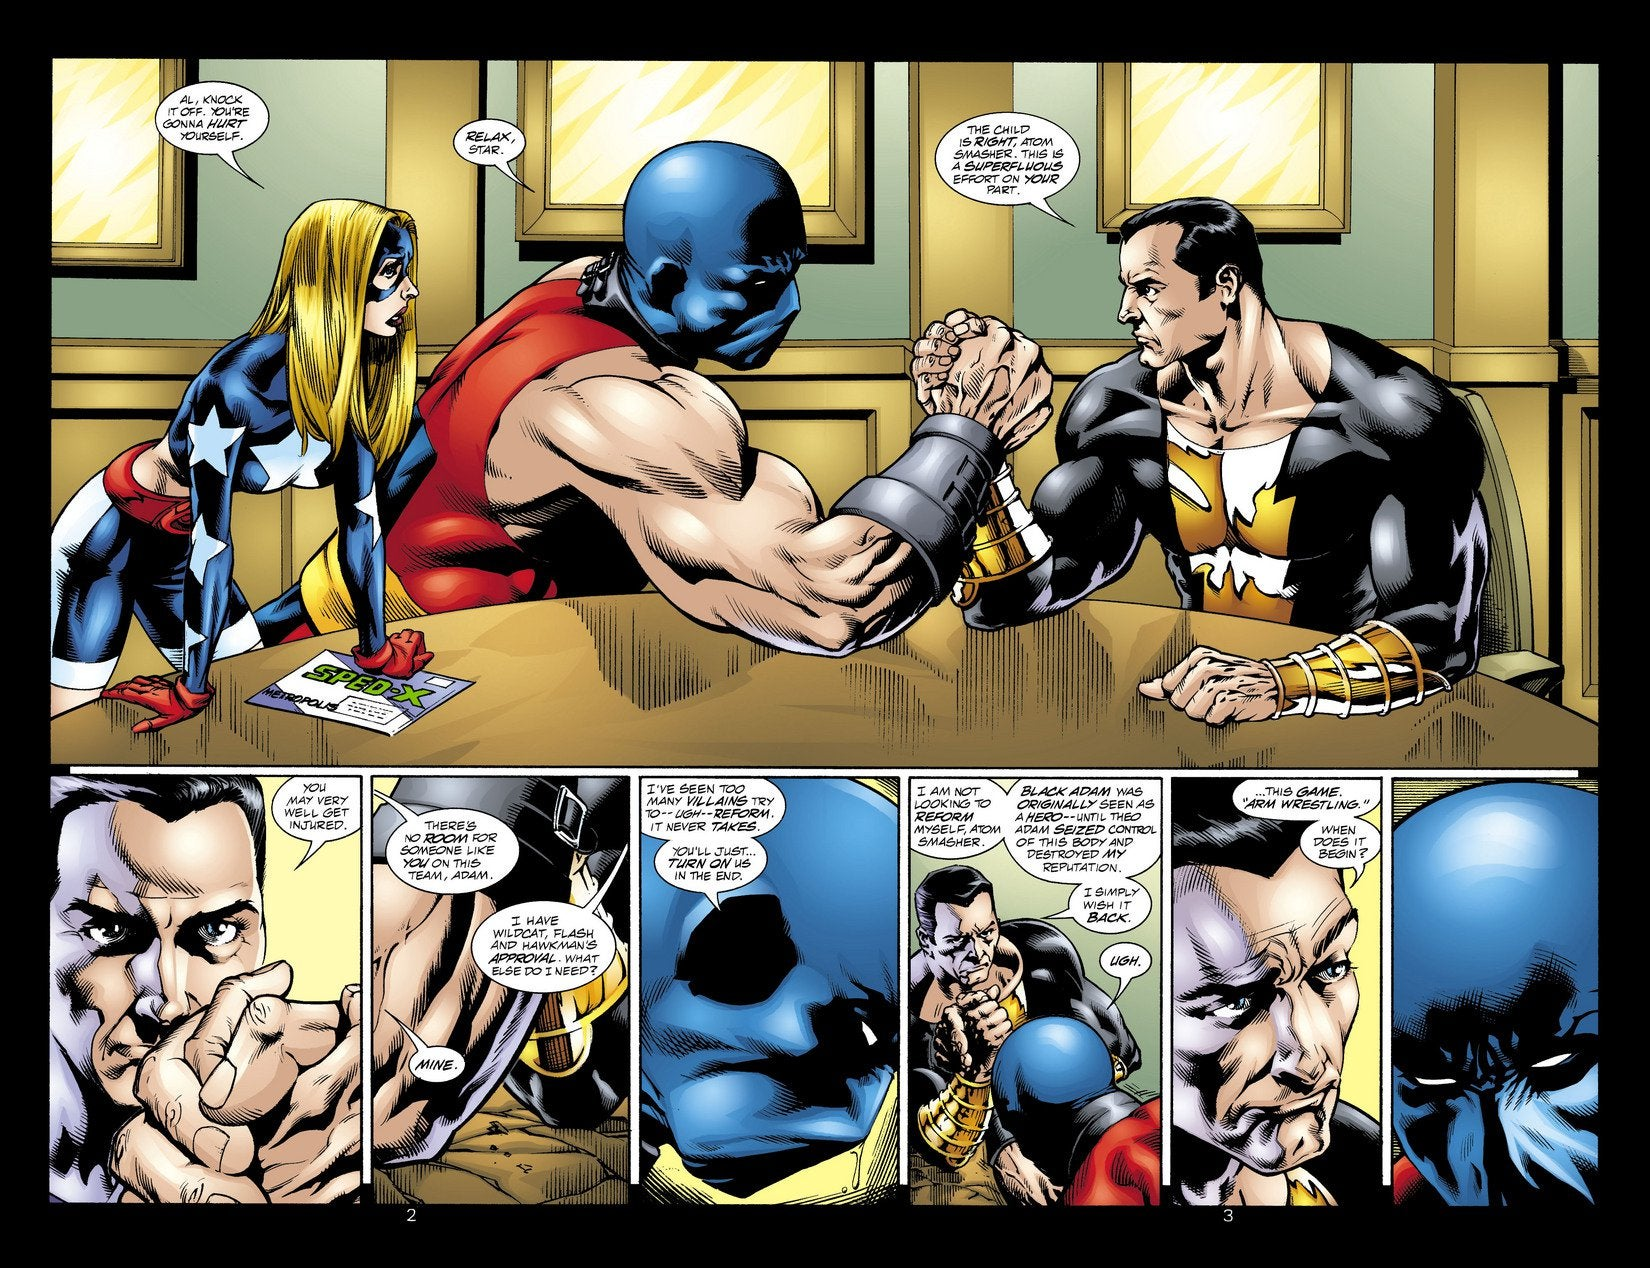 Black Adam and Atom Smasher